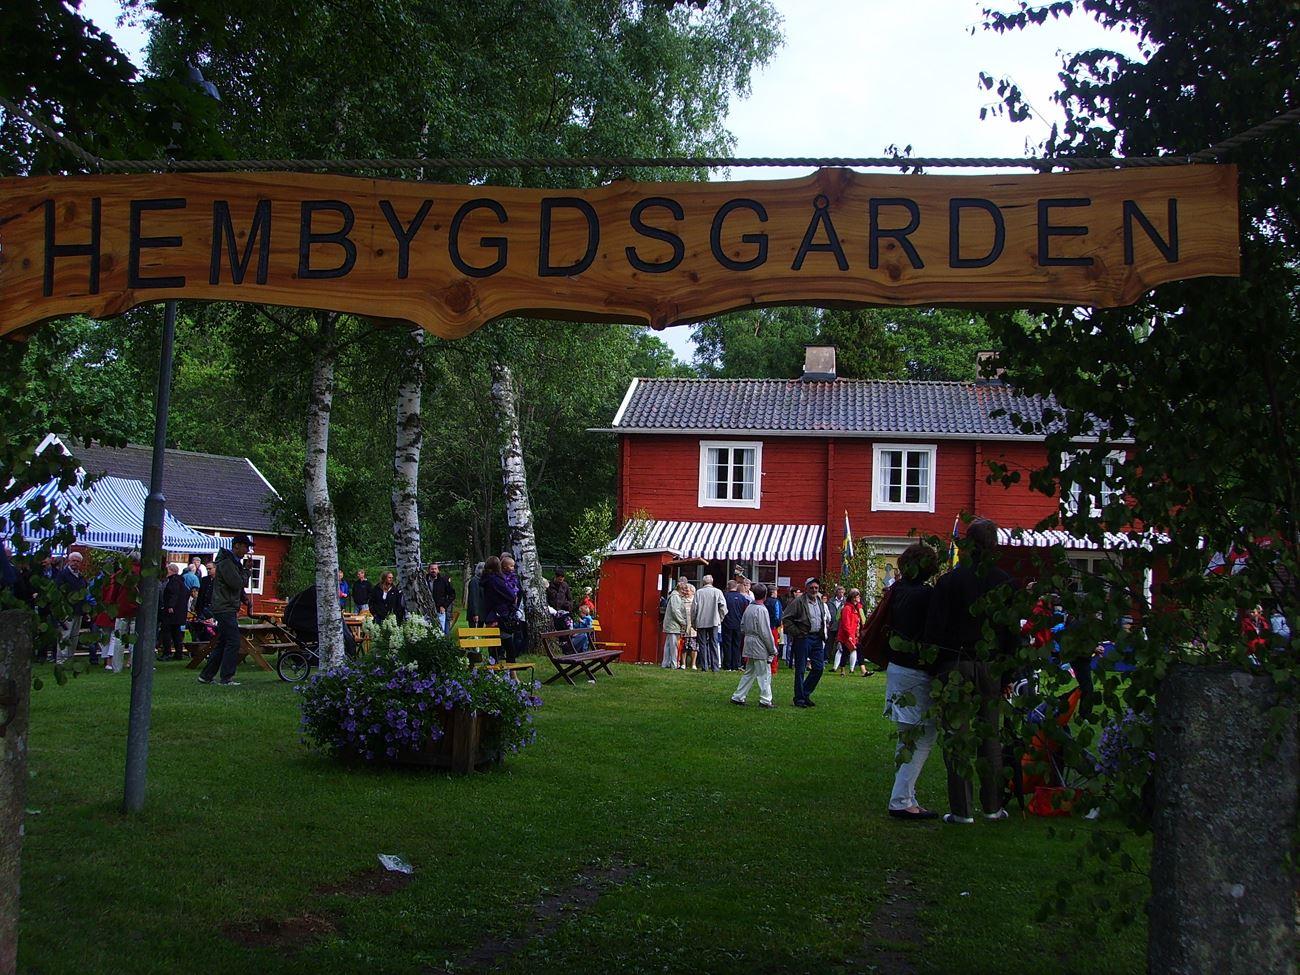 © Skede Hembygsgård, Skede Hembygdsgård och Hällaryds Kanal